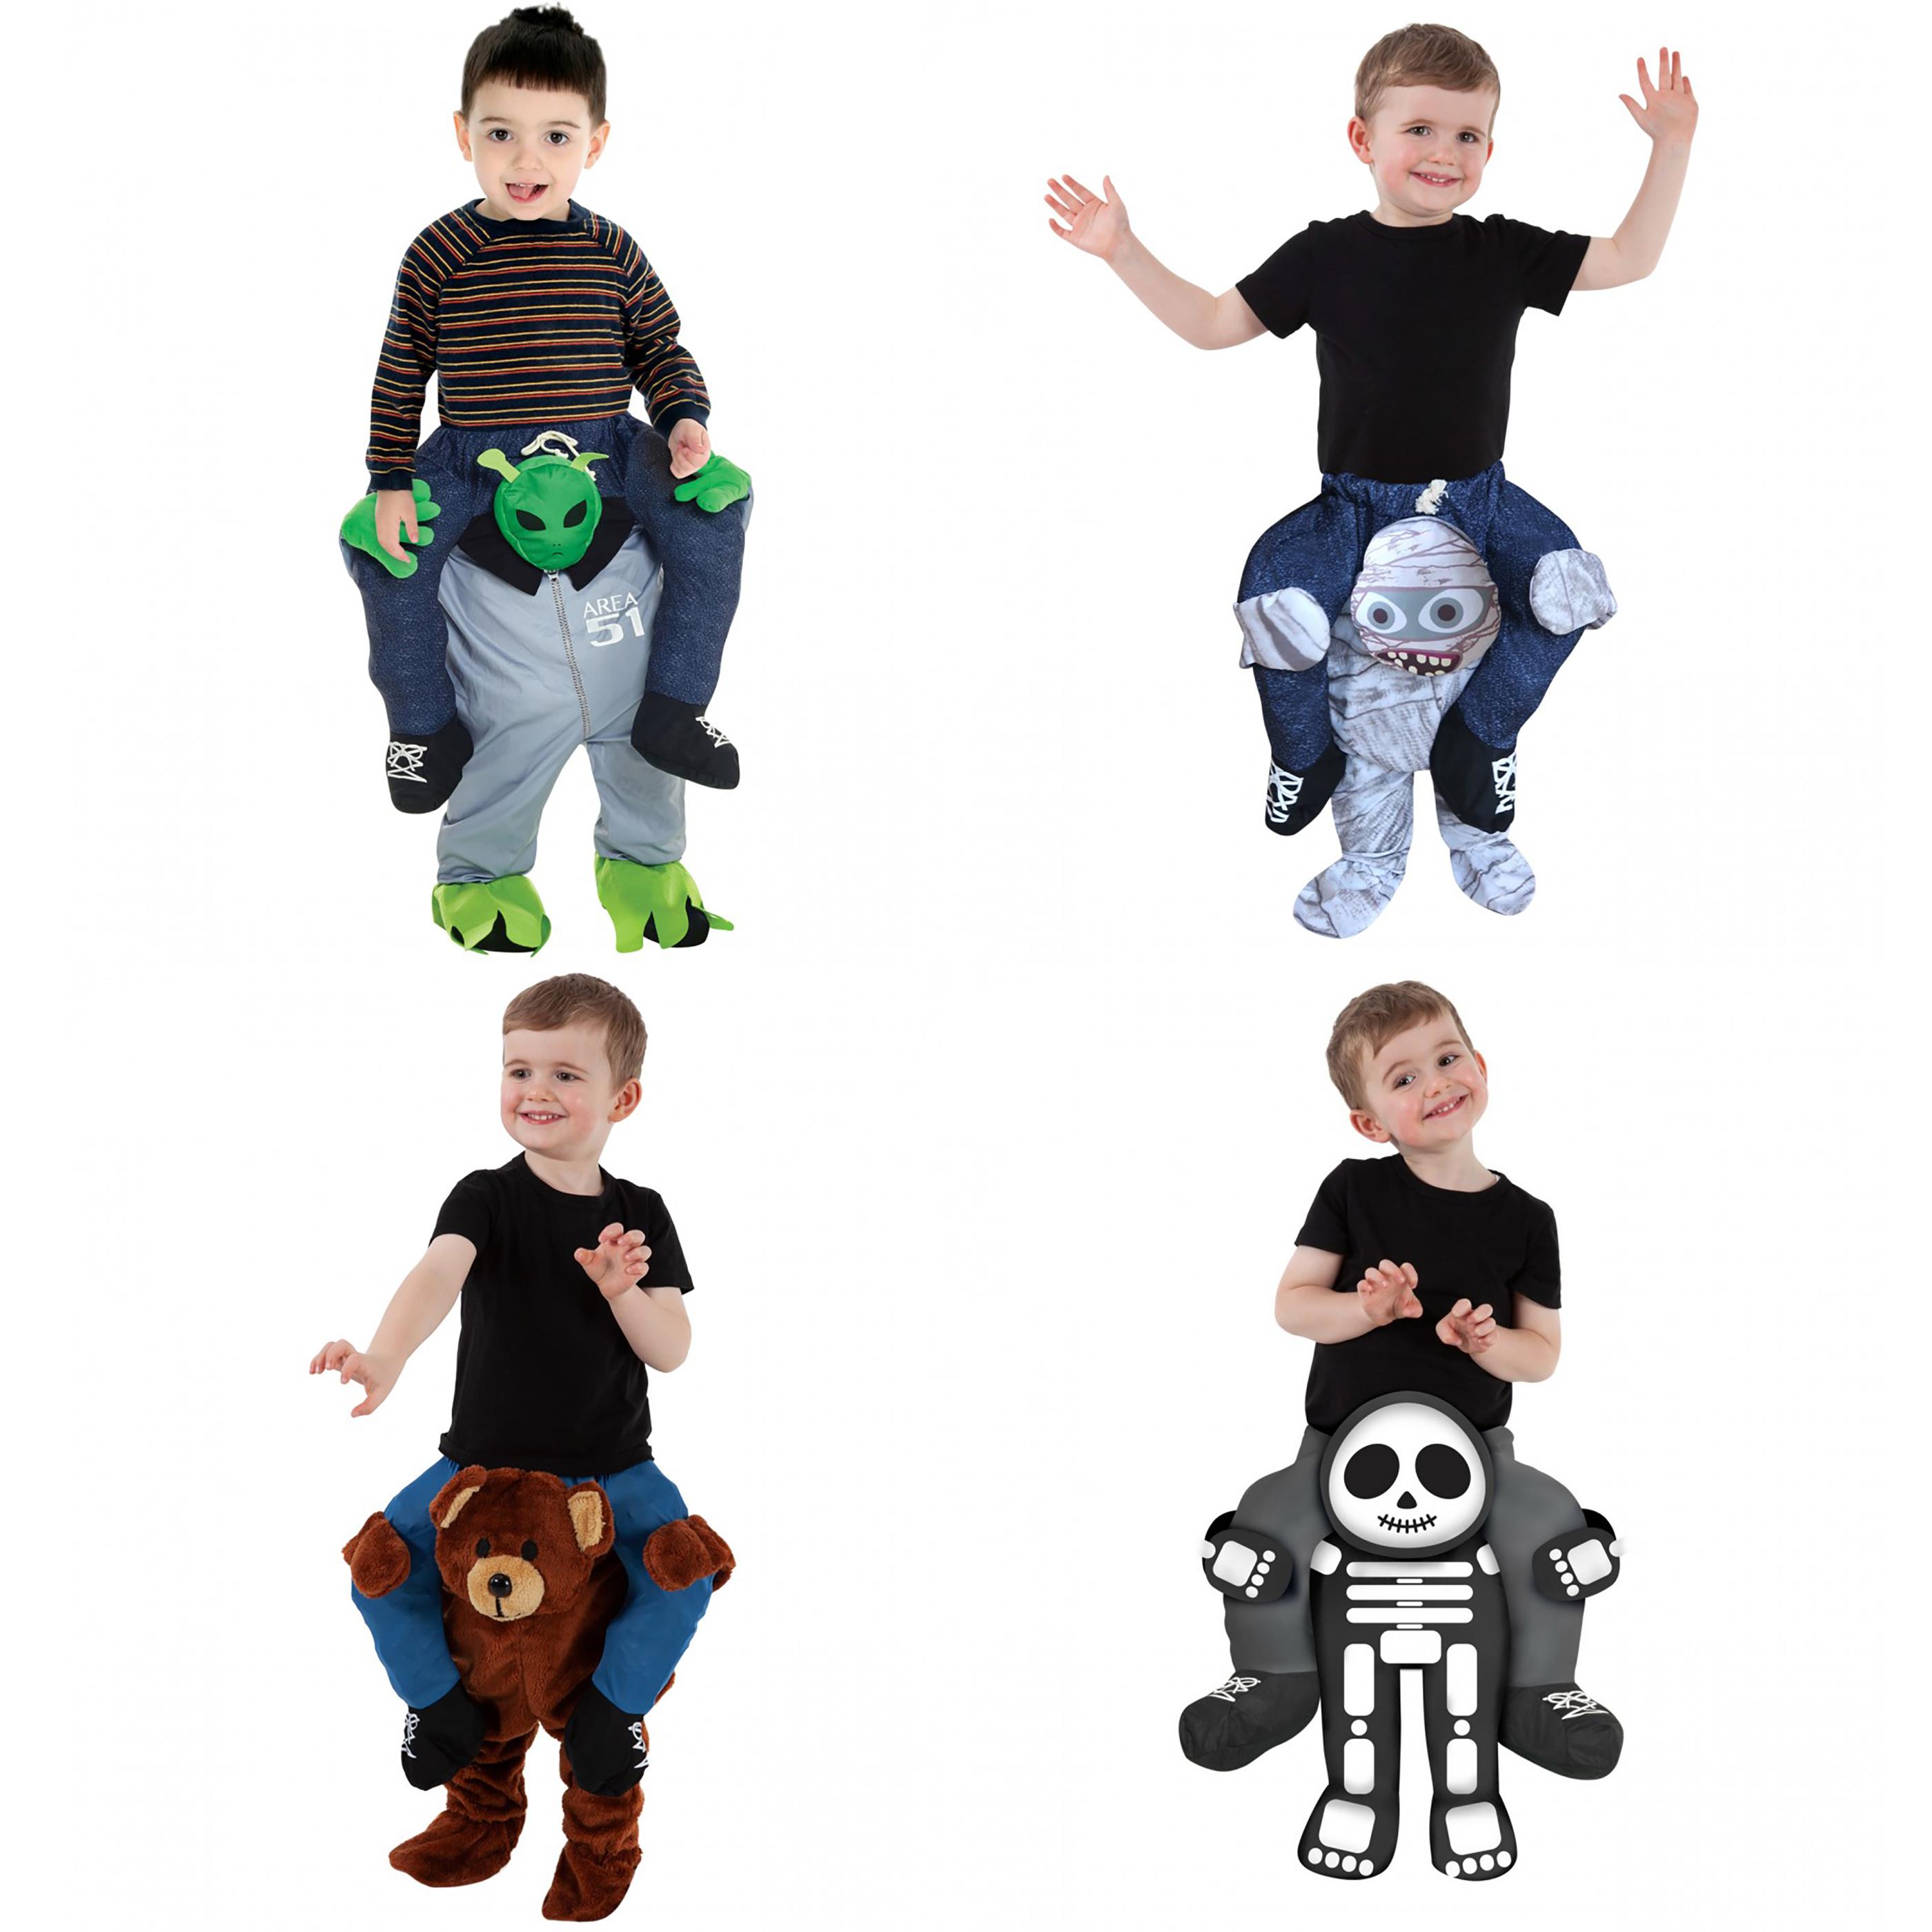 d92dd3891c94 Toddler Piggyback Ride Me Ride On Piggy Back Costume Infant Kids ...